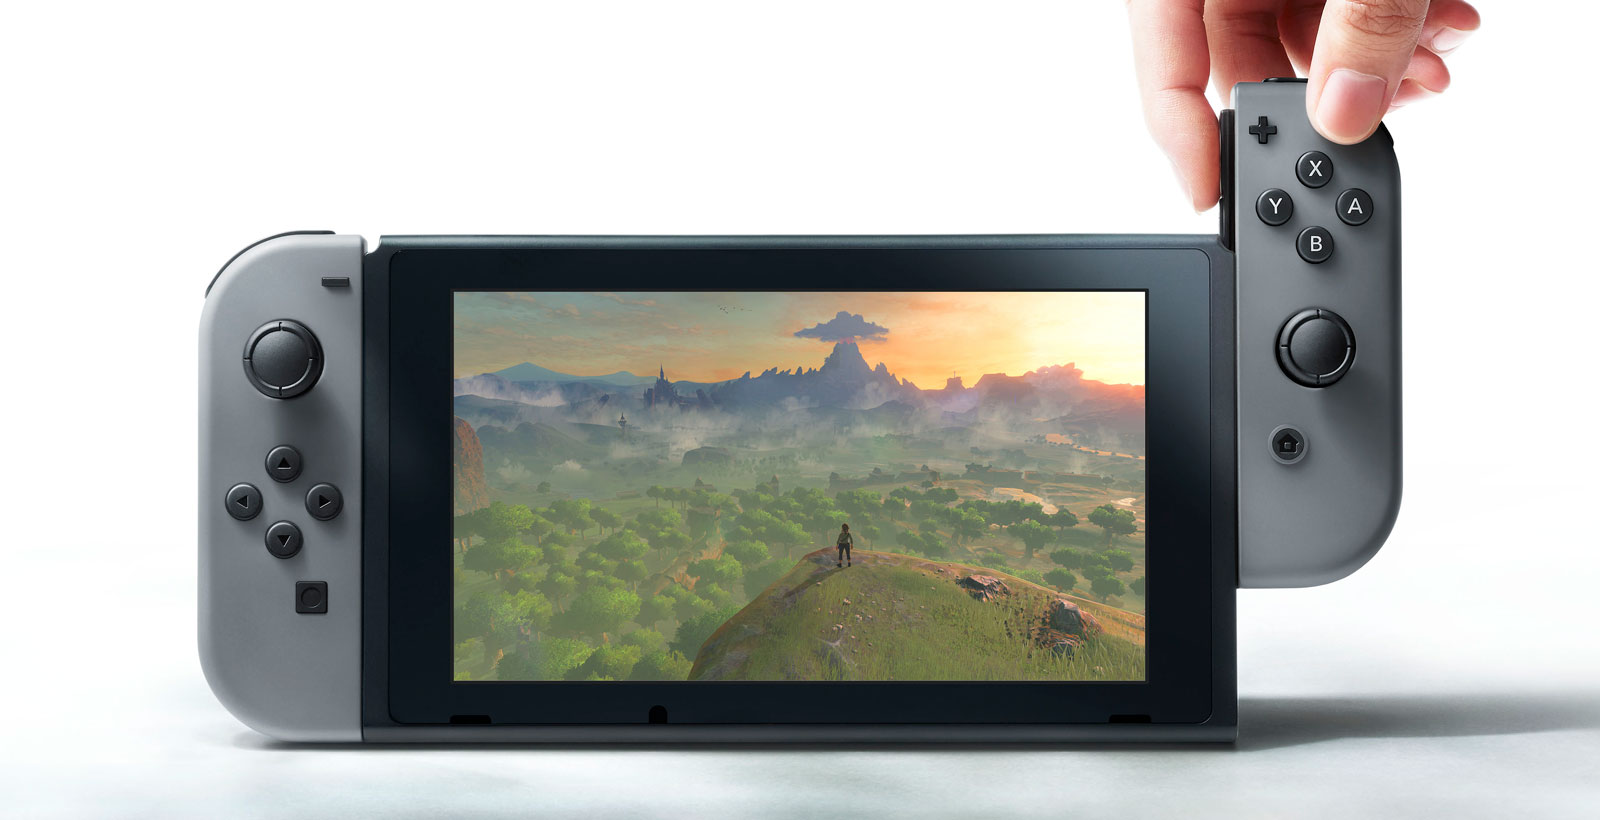 Les Joy-Con, de petites manettes pouvant s'attacher à l'unité mobile de la Nintendo Switch.